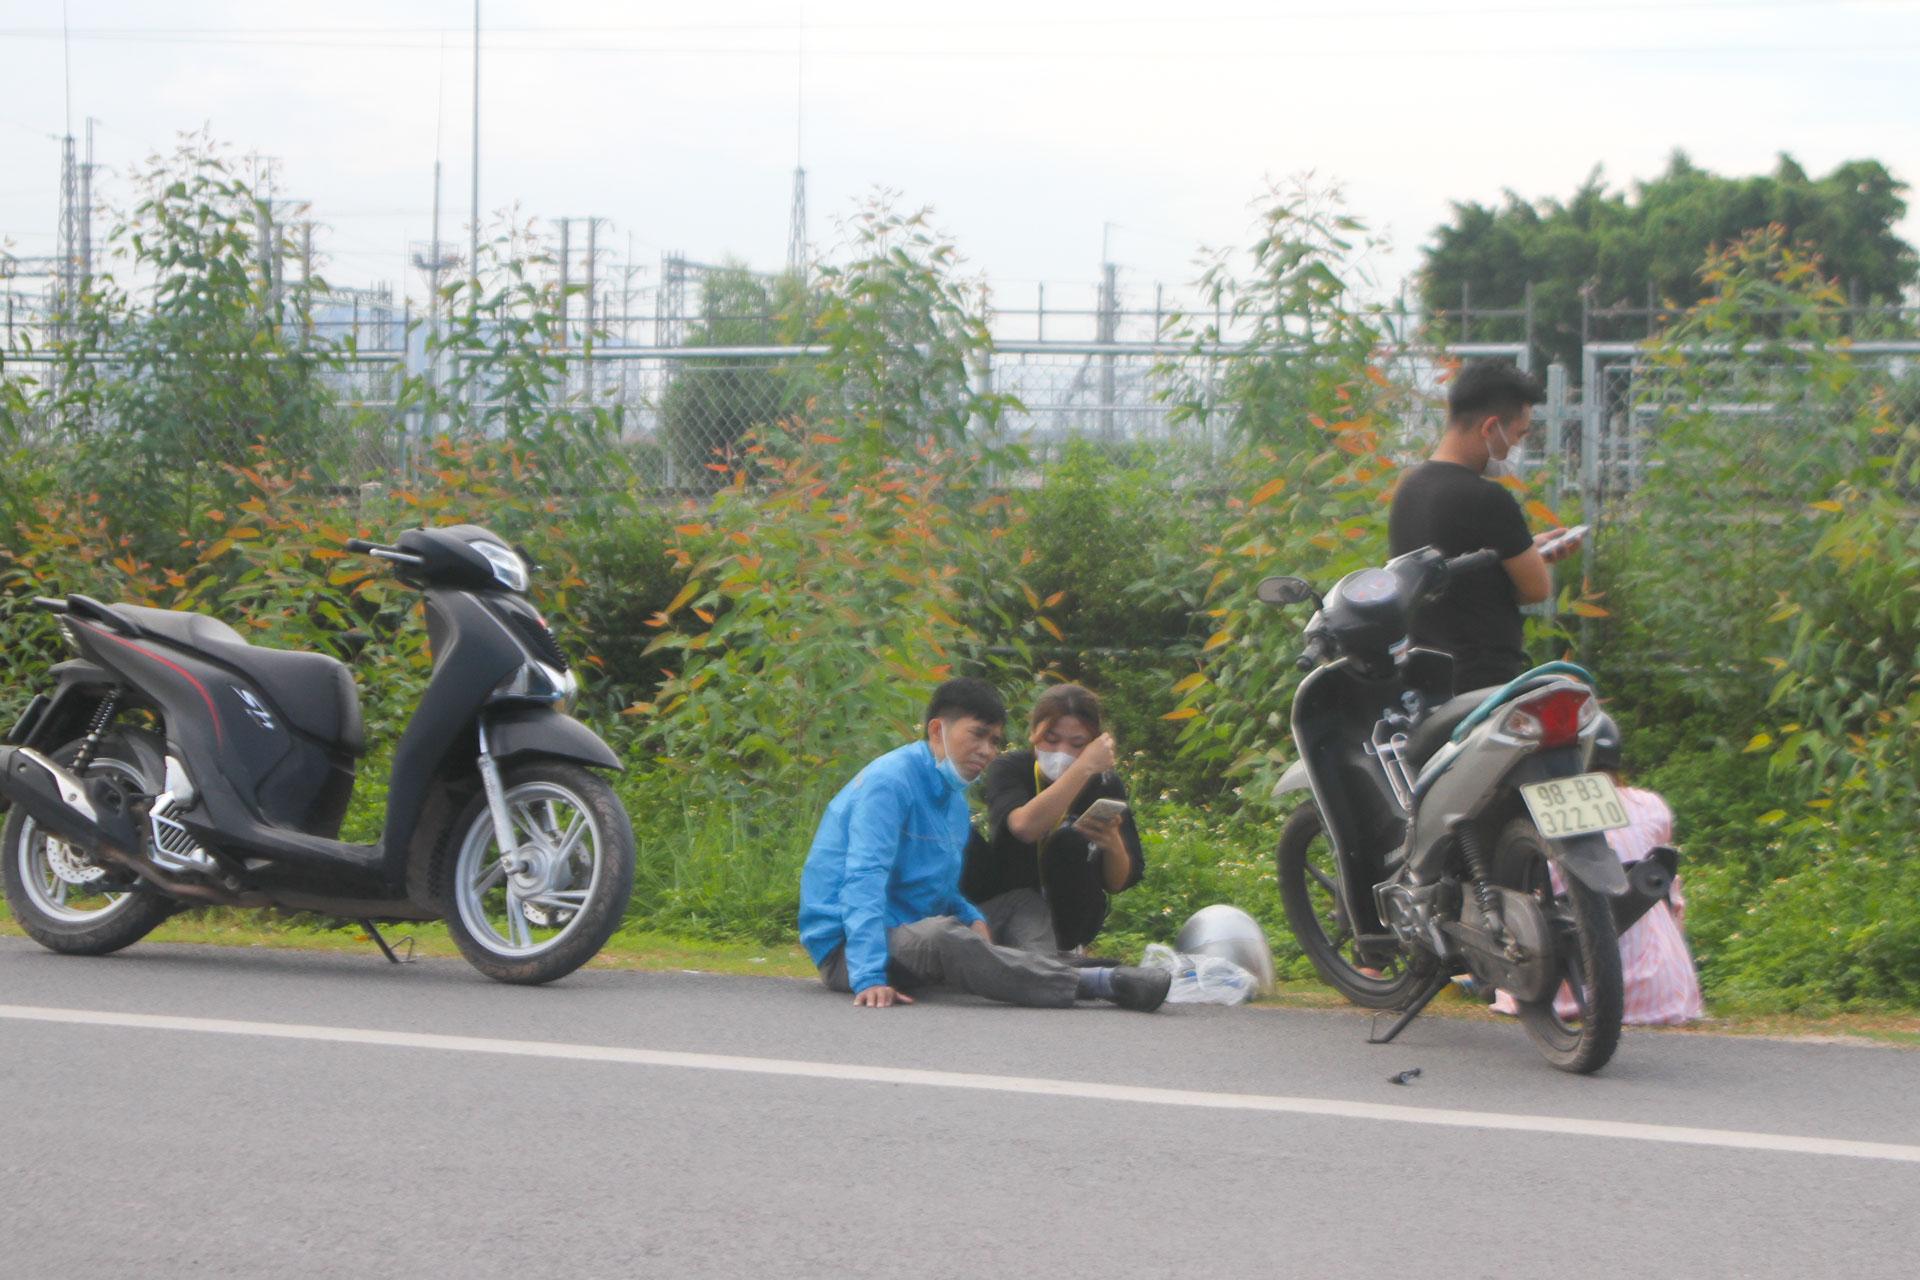 Xe chung cho công nhân an toàn, công nhân đi xe, xe máy bắc giang, đi xe máy gây ùn tắc